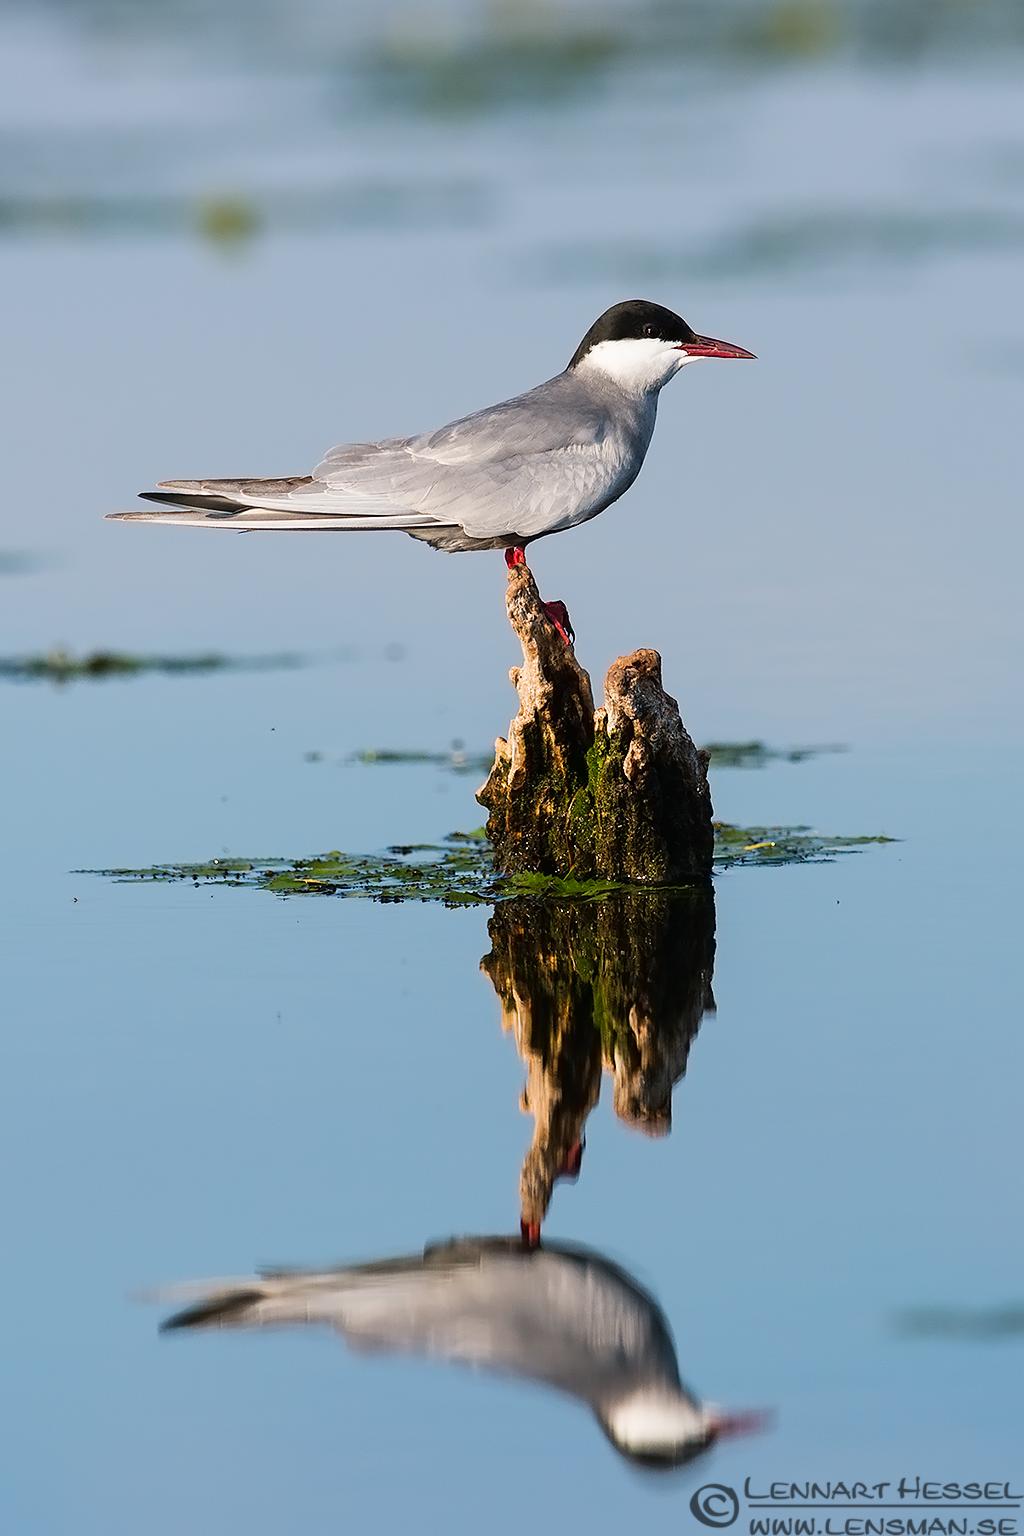 Whiskered Tern sunning